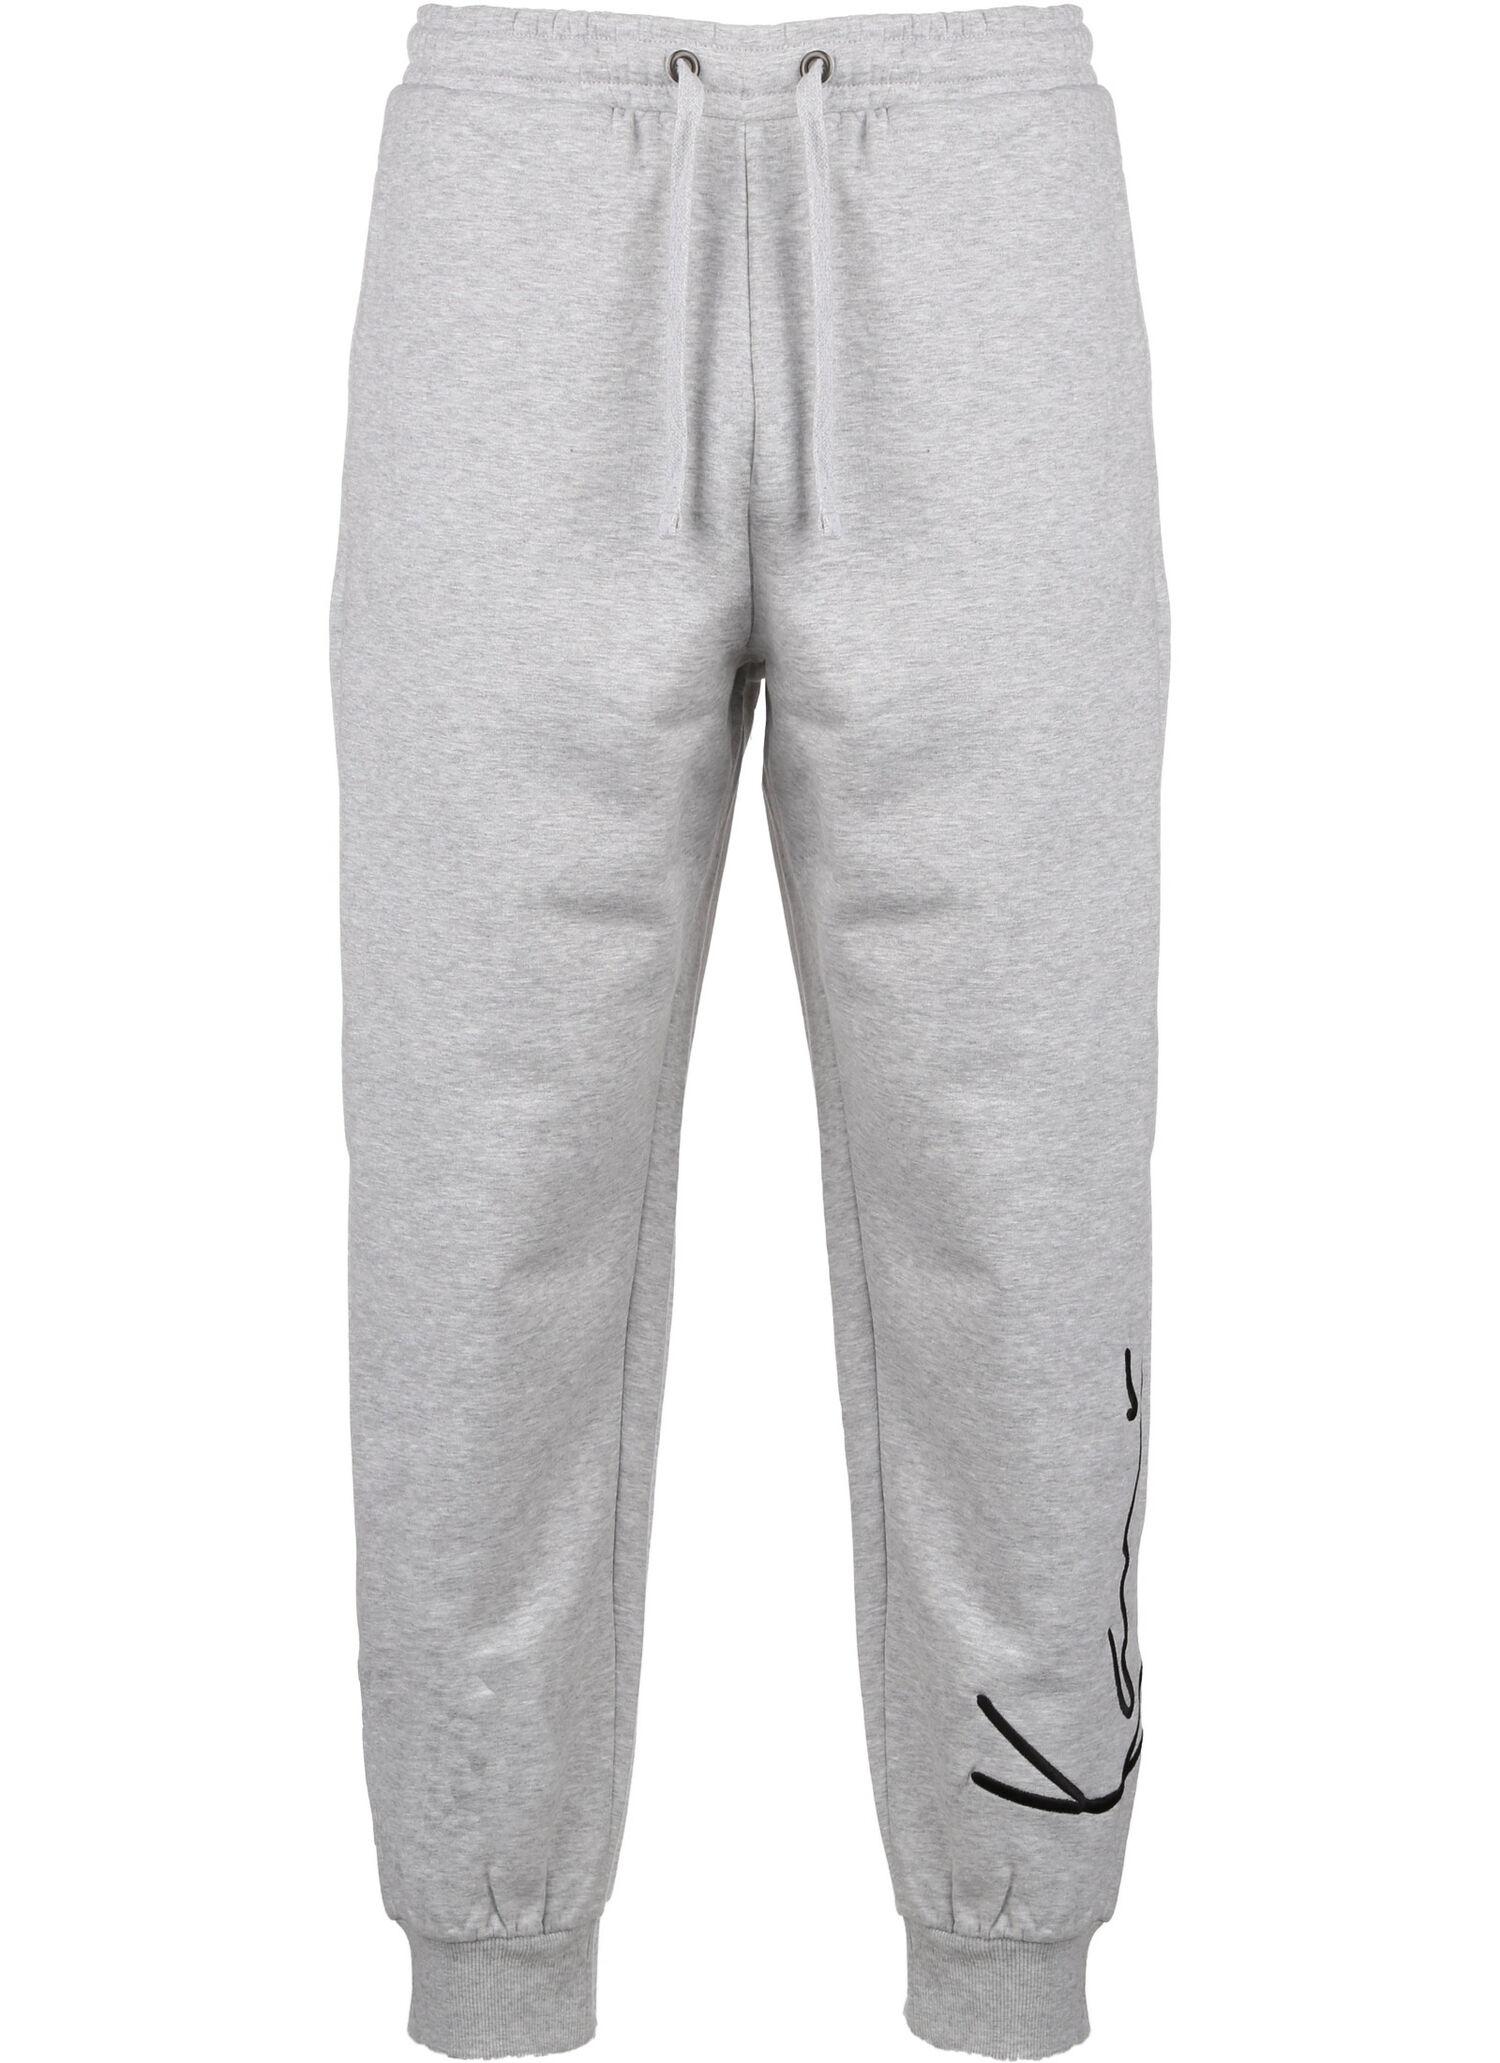 Karl Kani Signature Retro Sweatpants black//white